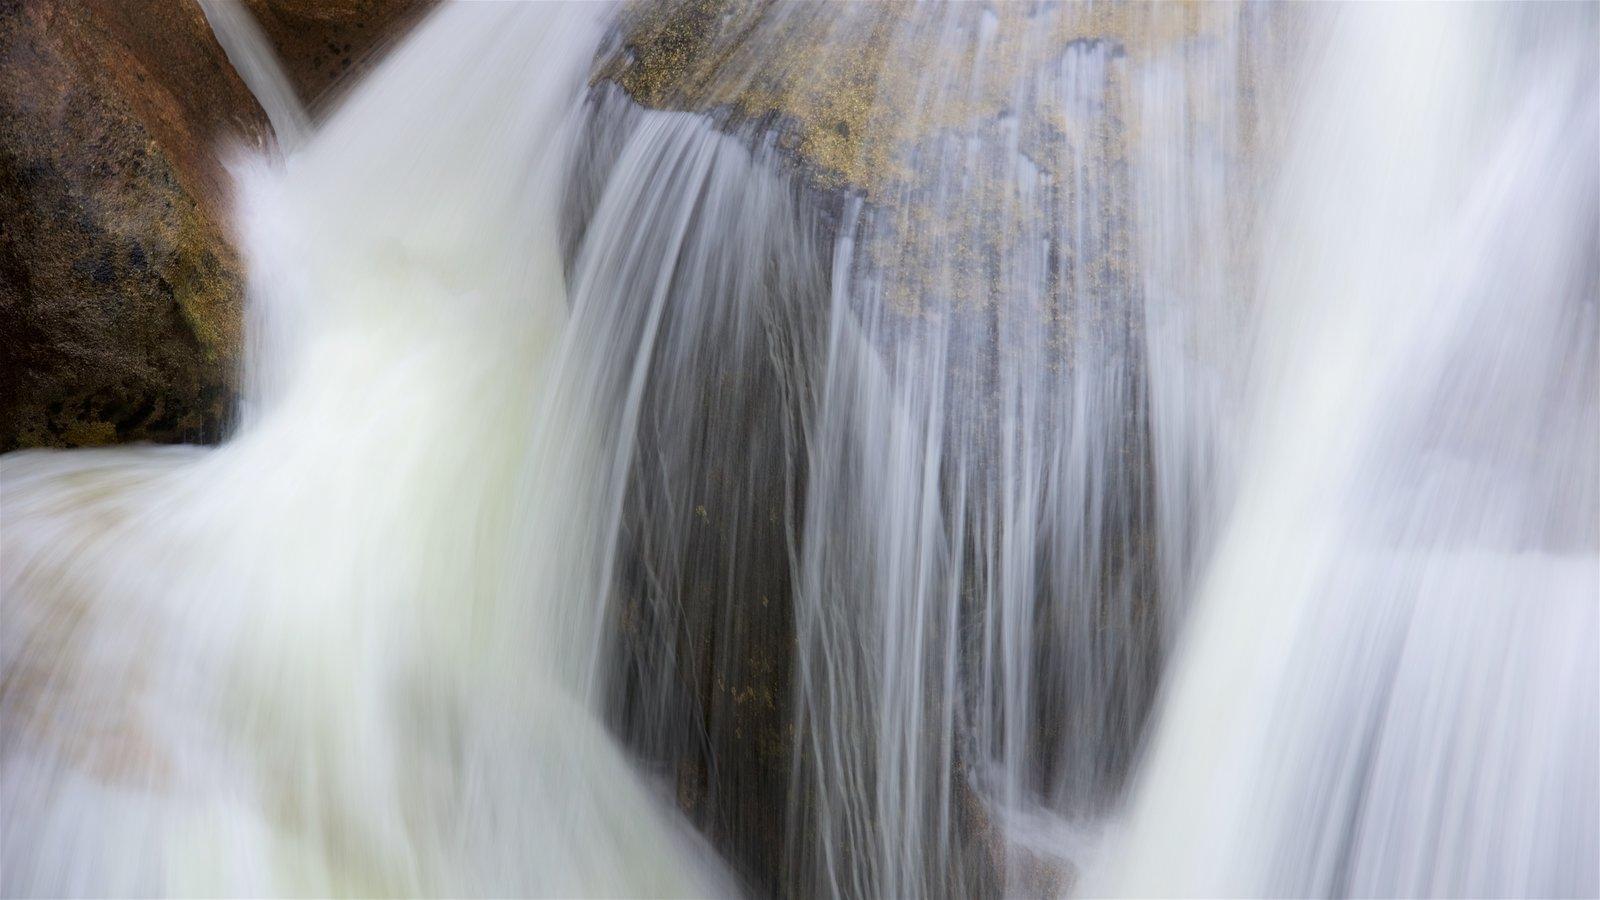 Parque Nacional Yosemite ofreciendo una cascada